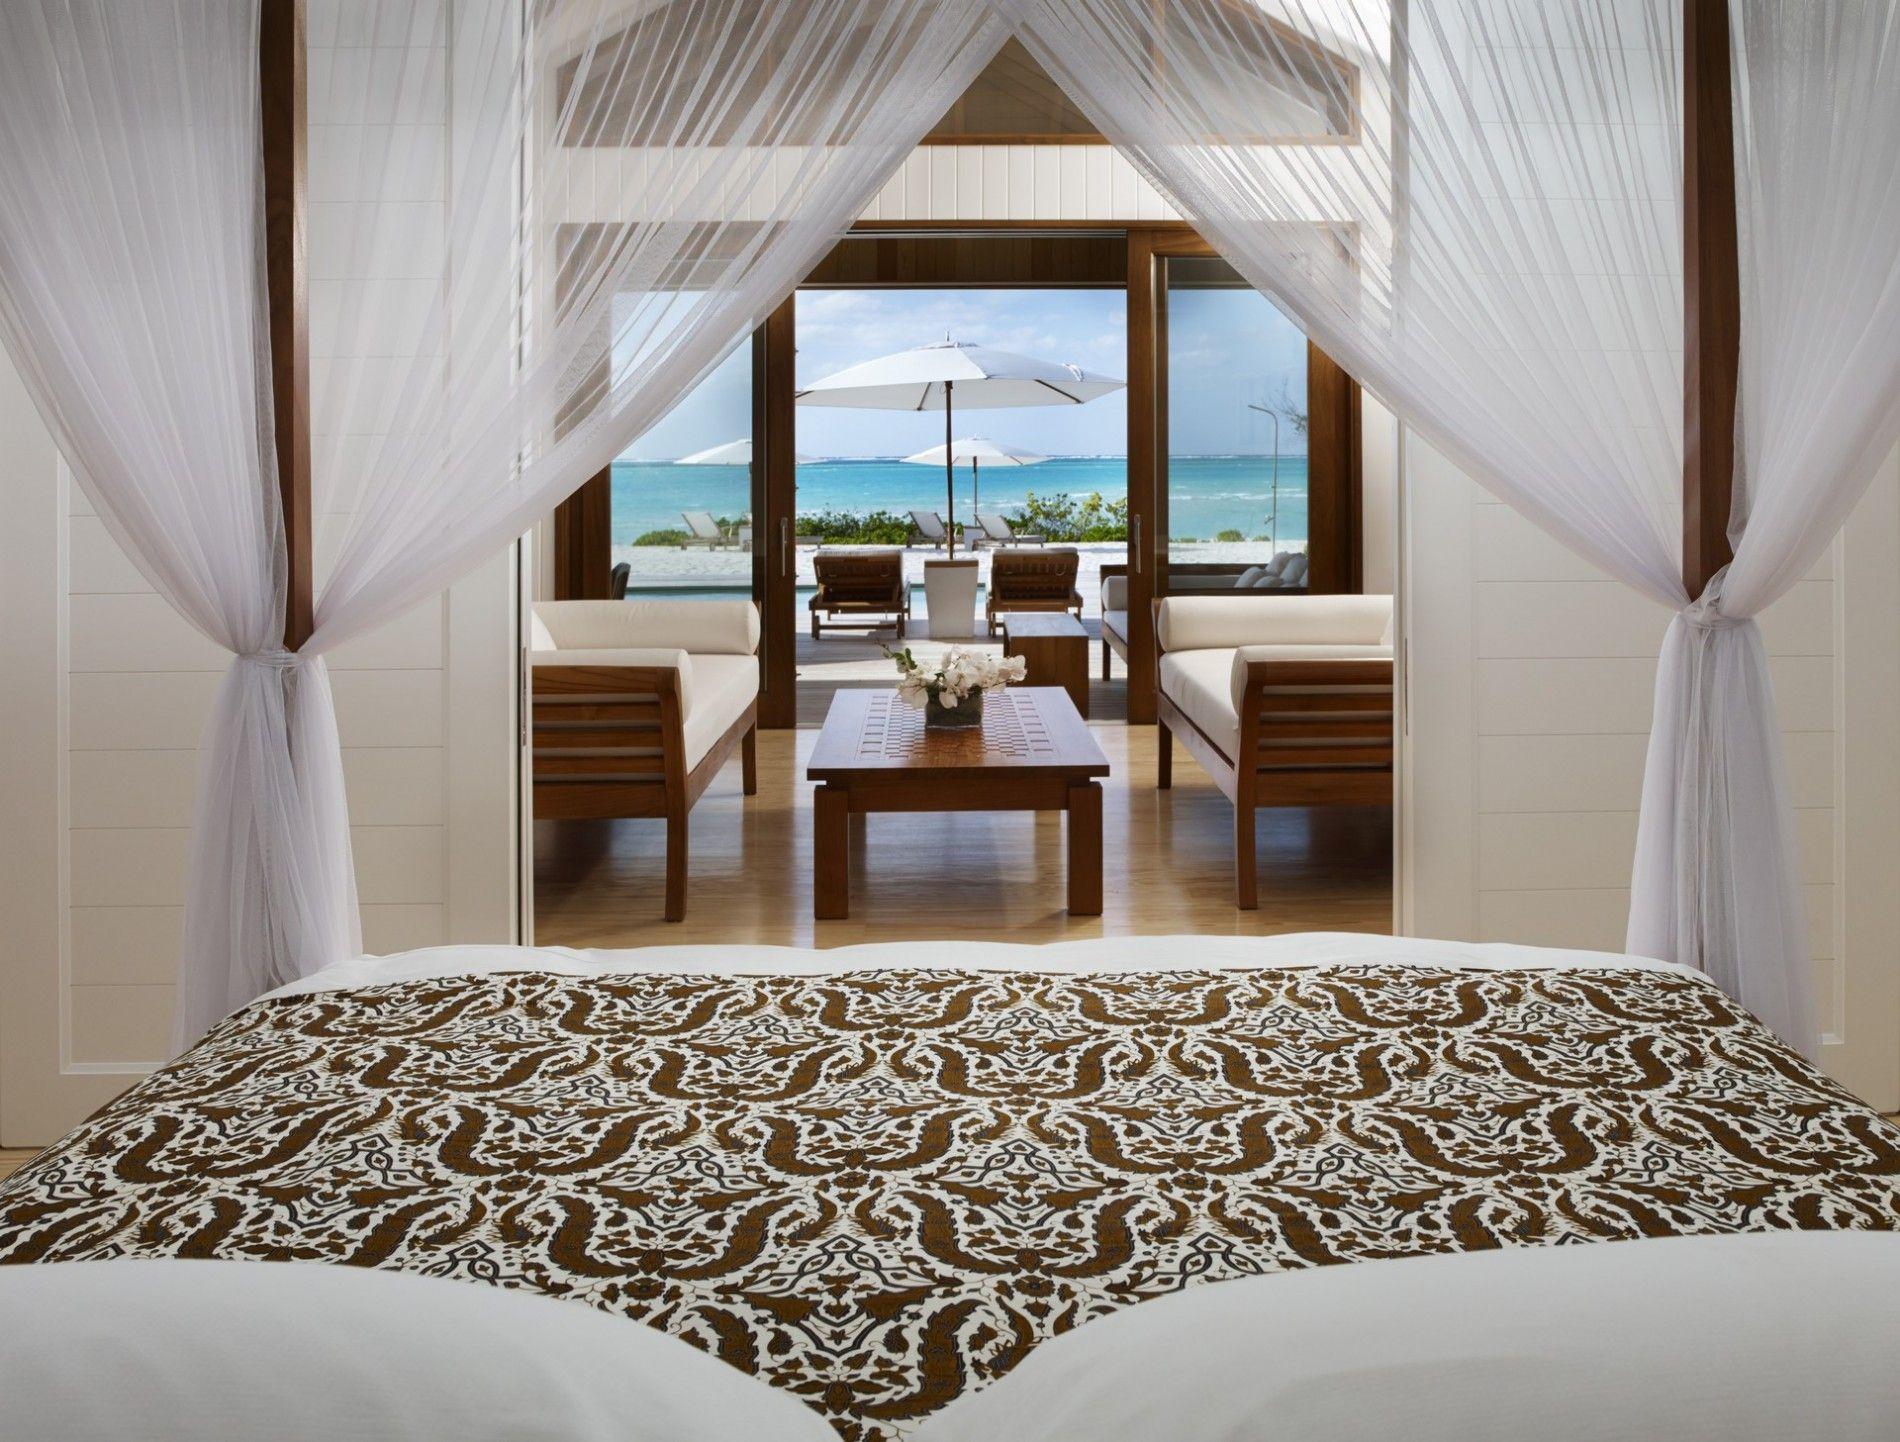 2 bedroom interior design parrot cay  bedroom villa  beachfront  a bh r b l como parrot